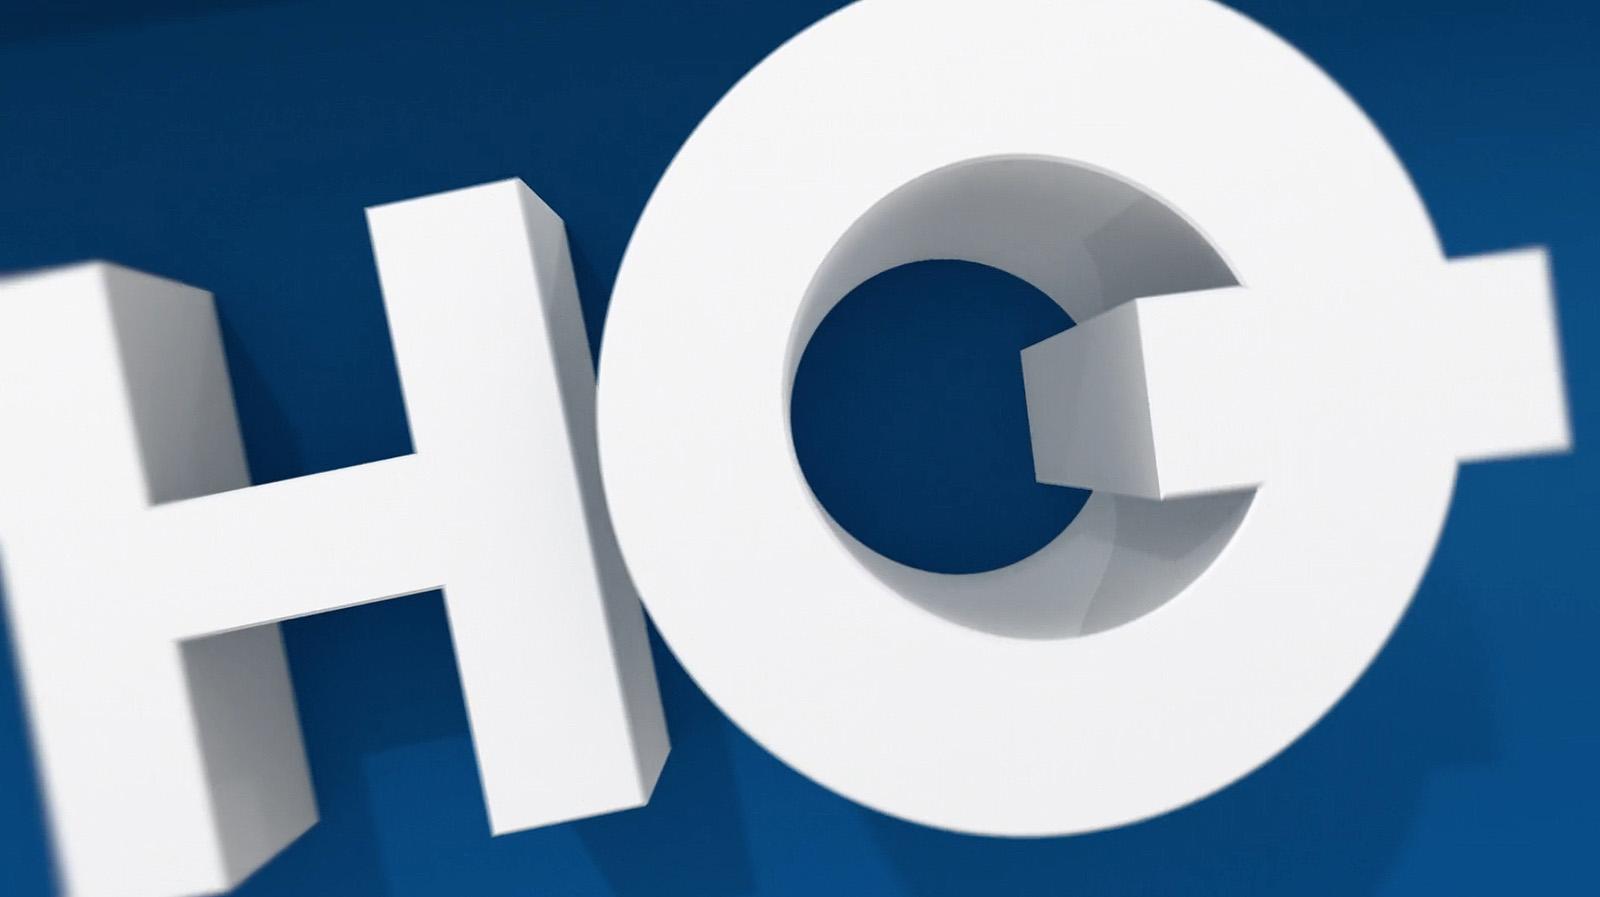 ncs_CBS-Sports-HQ_0005